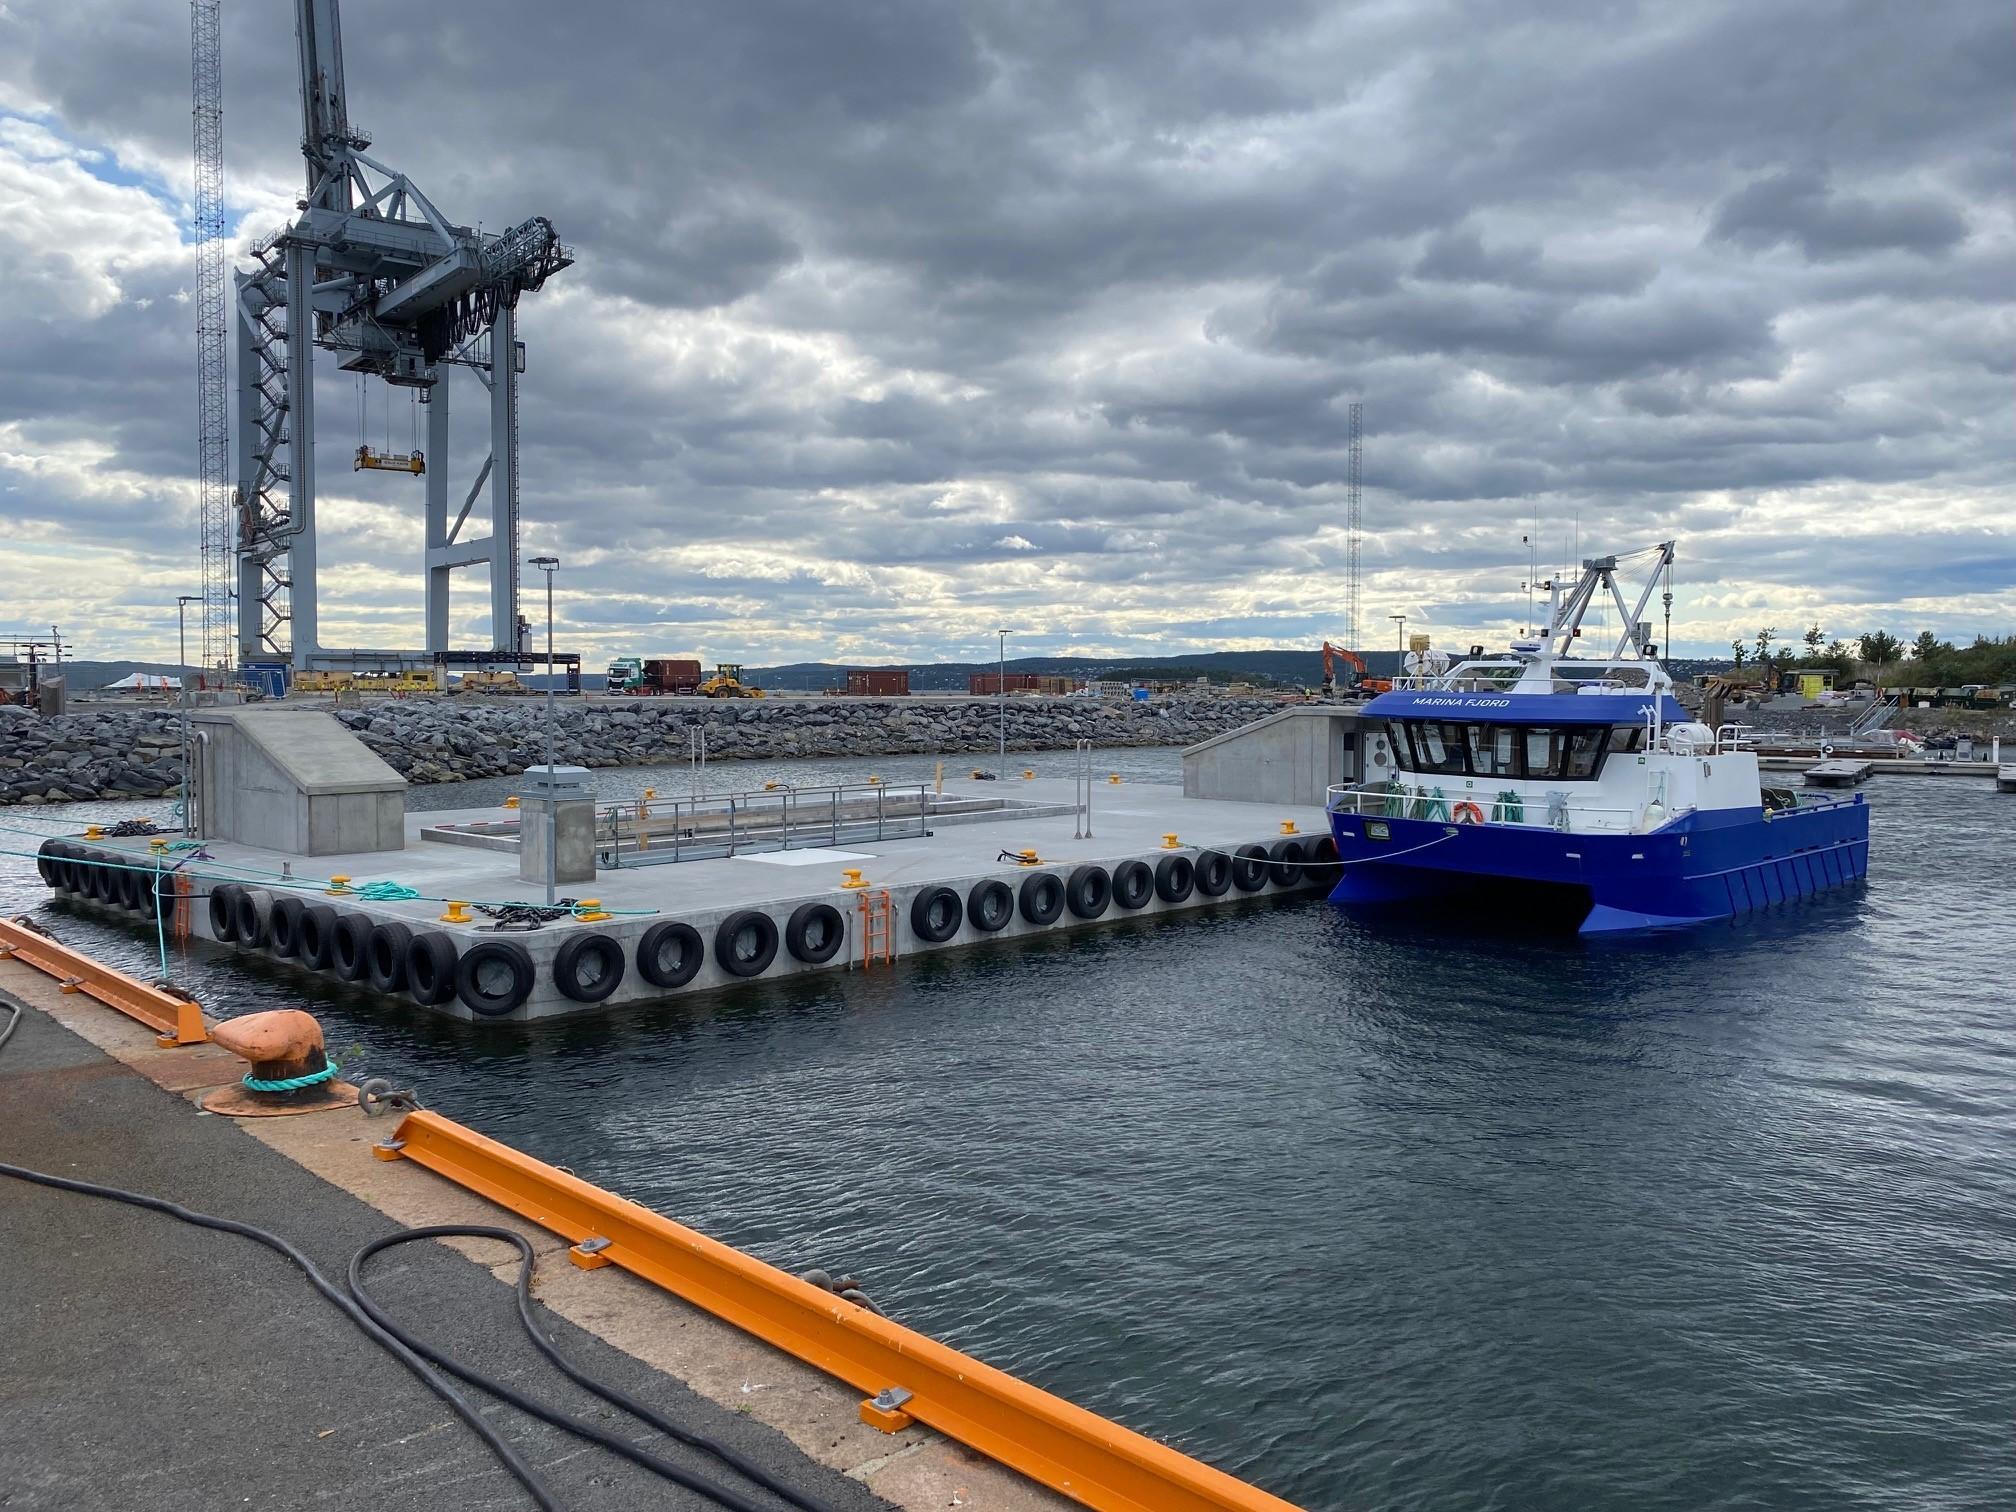 https://marinasolutions.no/uploads/Oslo-fortøyningsflåte-Oslo-havn_-Marina-Solutions_betongflåte_Marina-Ocean-3.jpg